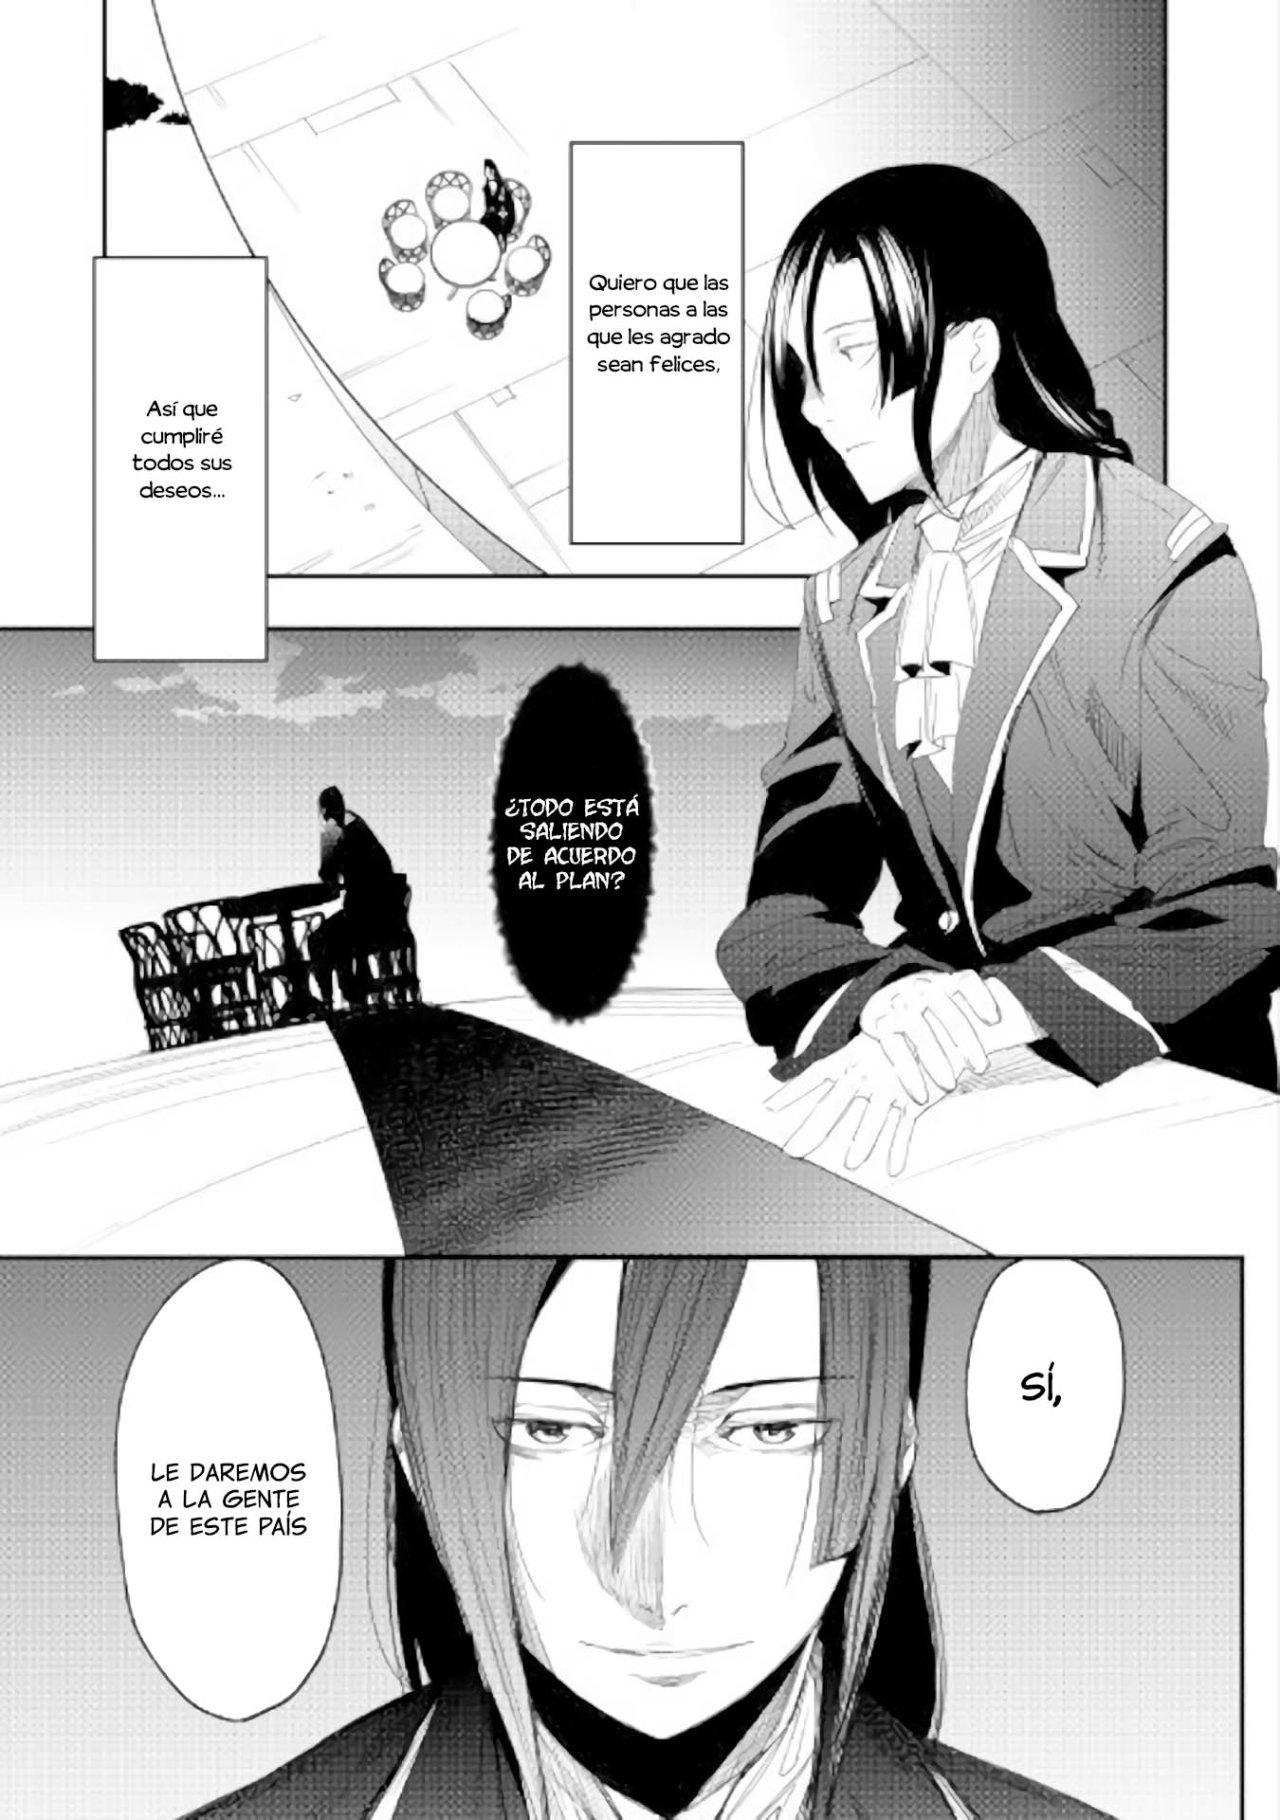 https://nine.mangadogs.com/es_manga/pic8/55/21175/947548/735f505f81a75048db0947fe995b58e9.jpg Page 22